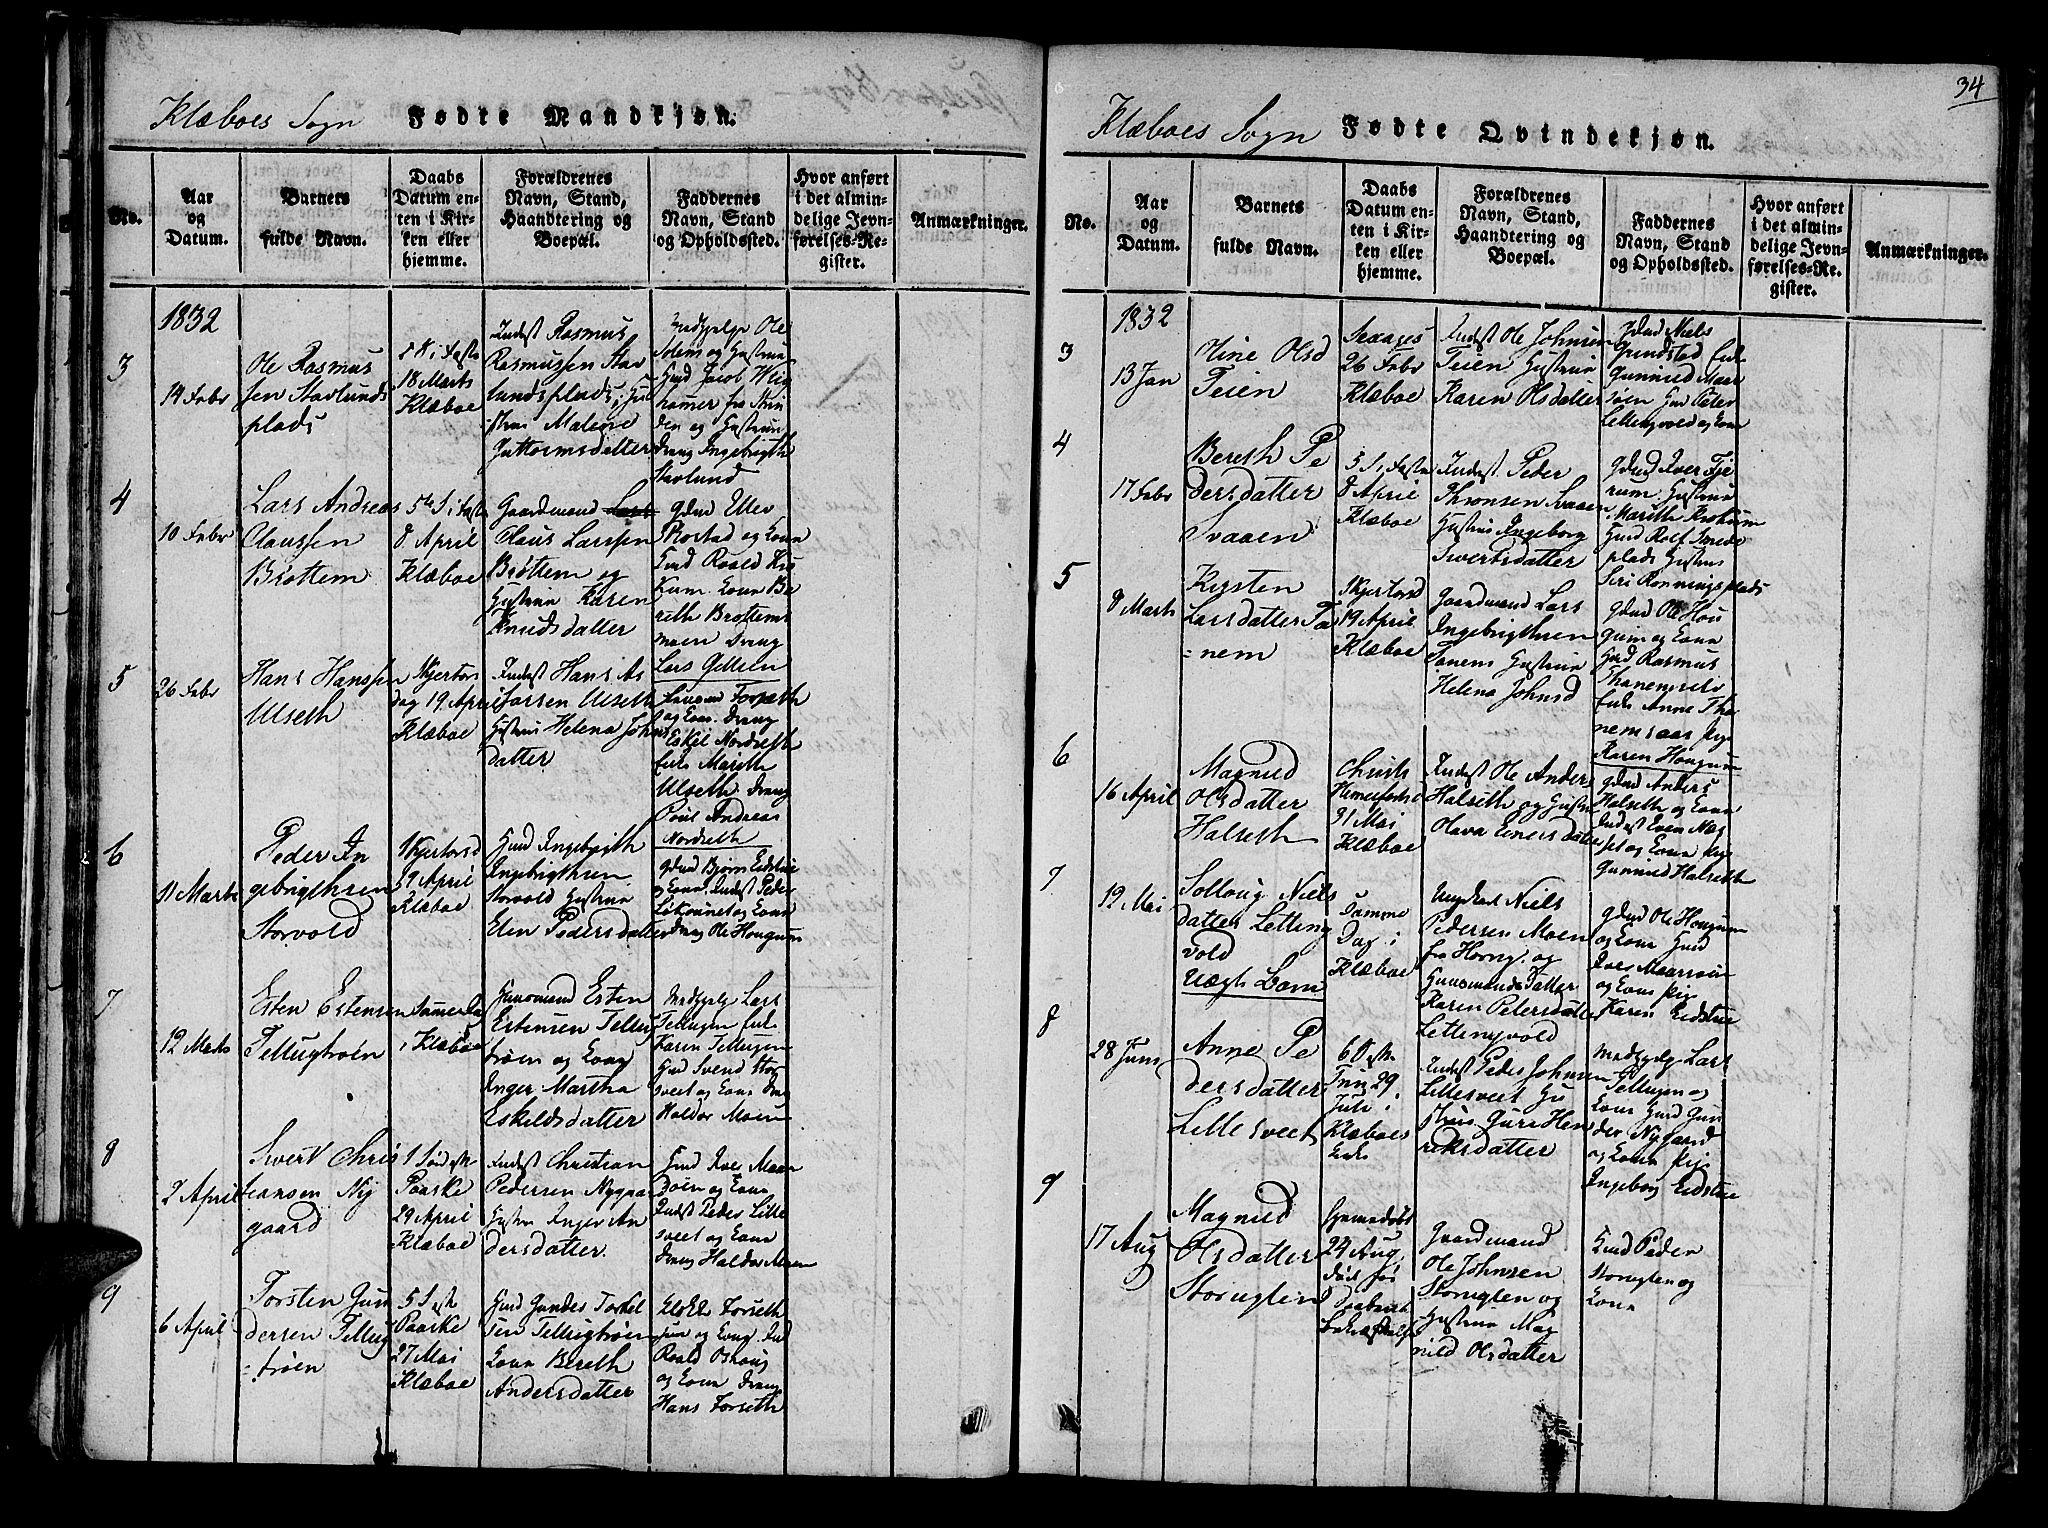 SAT, Ministerialprotokoller, klokkerbøker og fødselsregistre - Sør-Trøndelag, 618/L0439: Ministerialbok nr. 618A04 /1, 1816-1843, s. 34